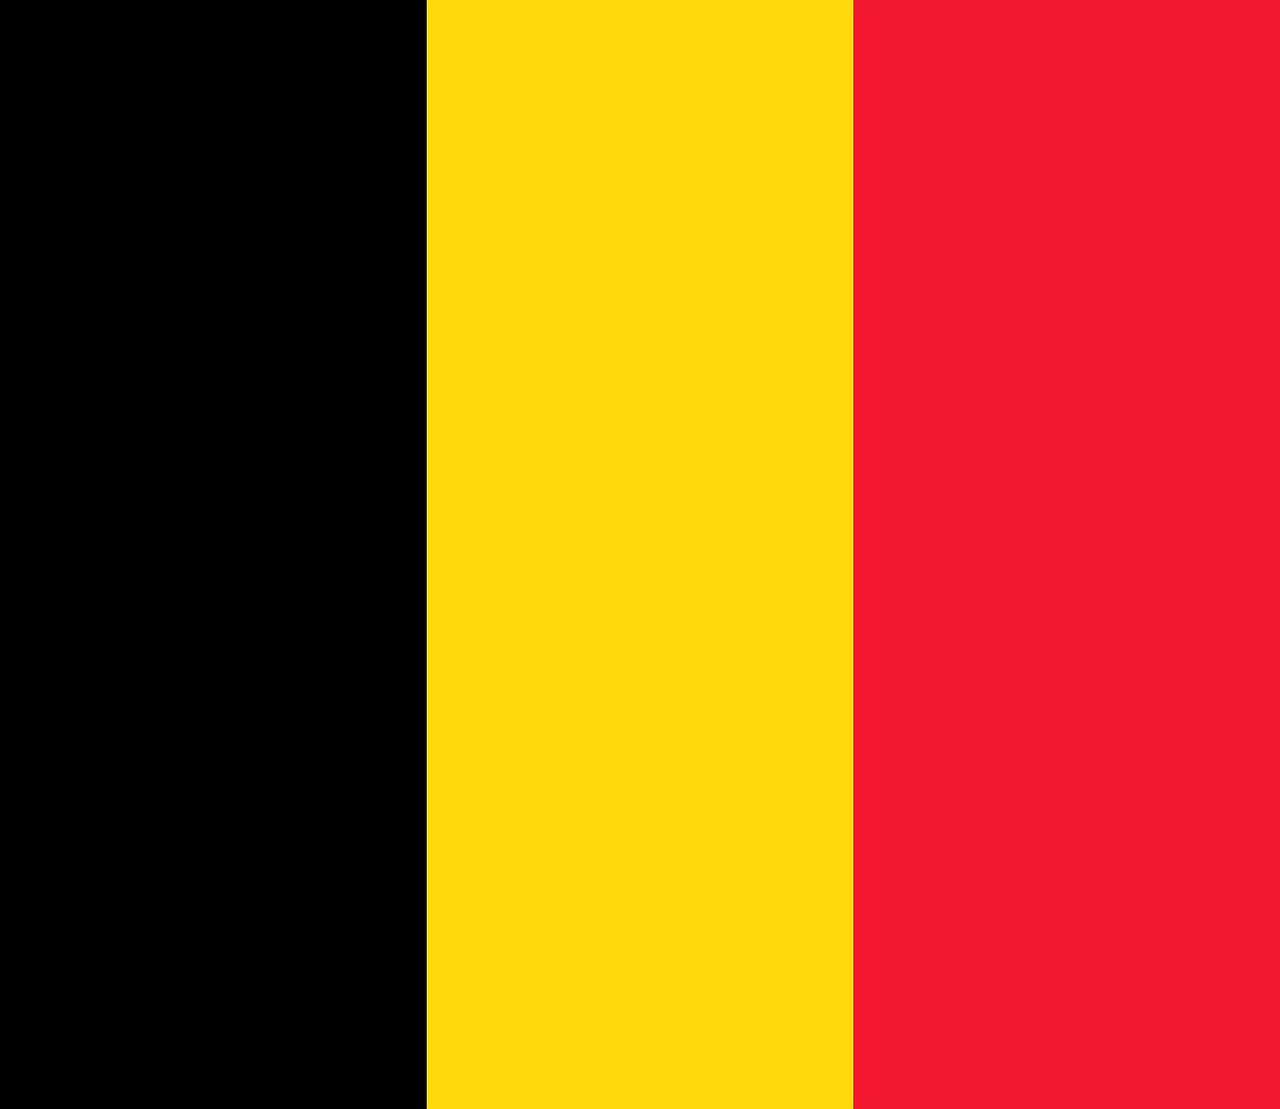 Przepisy drogowe w Belgii